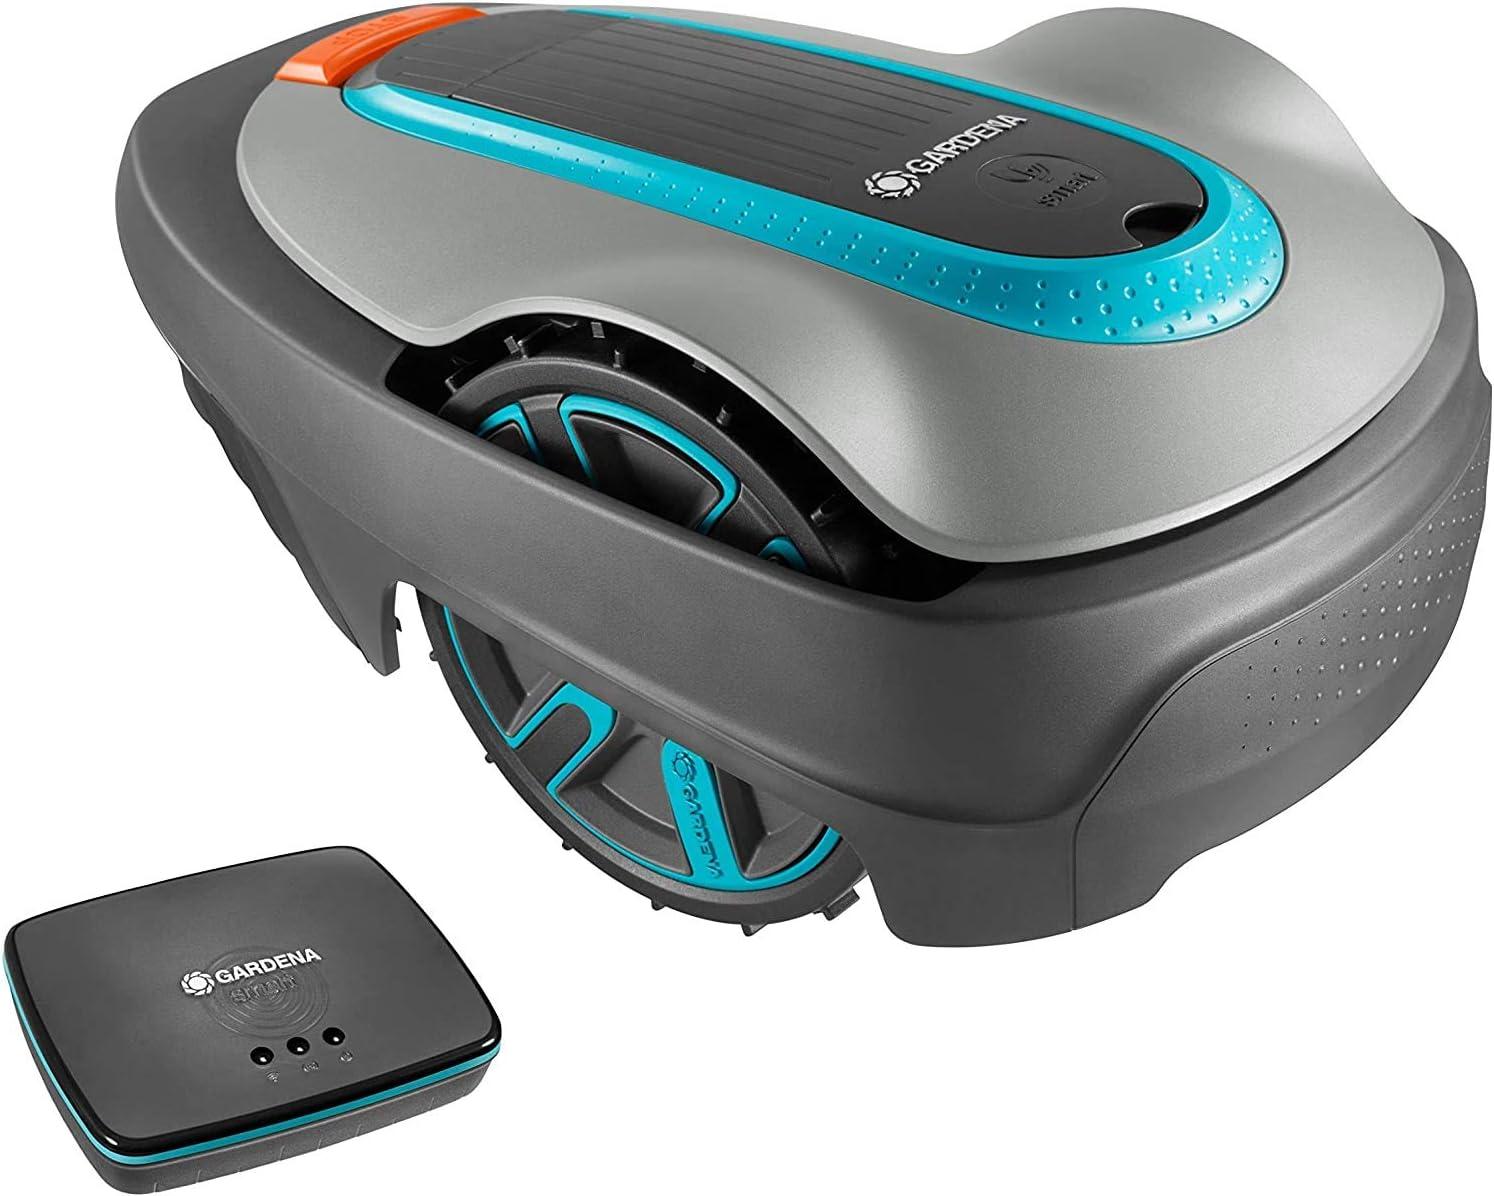 Ensemble GARDENA smart SILENO city 300 : Robot de tonte pour jusqu'à...